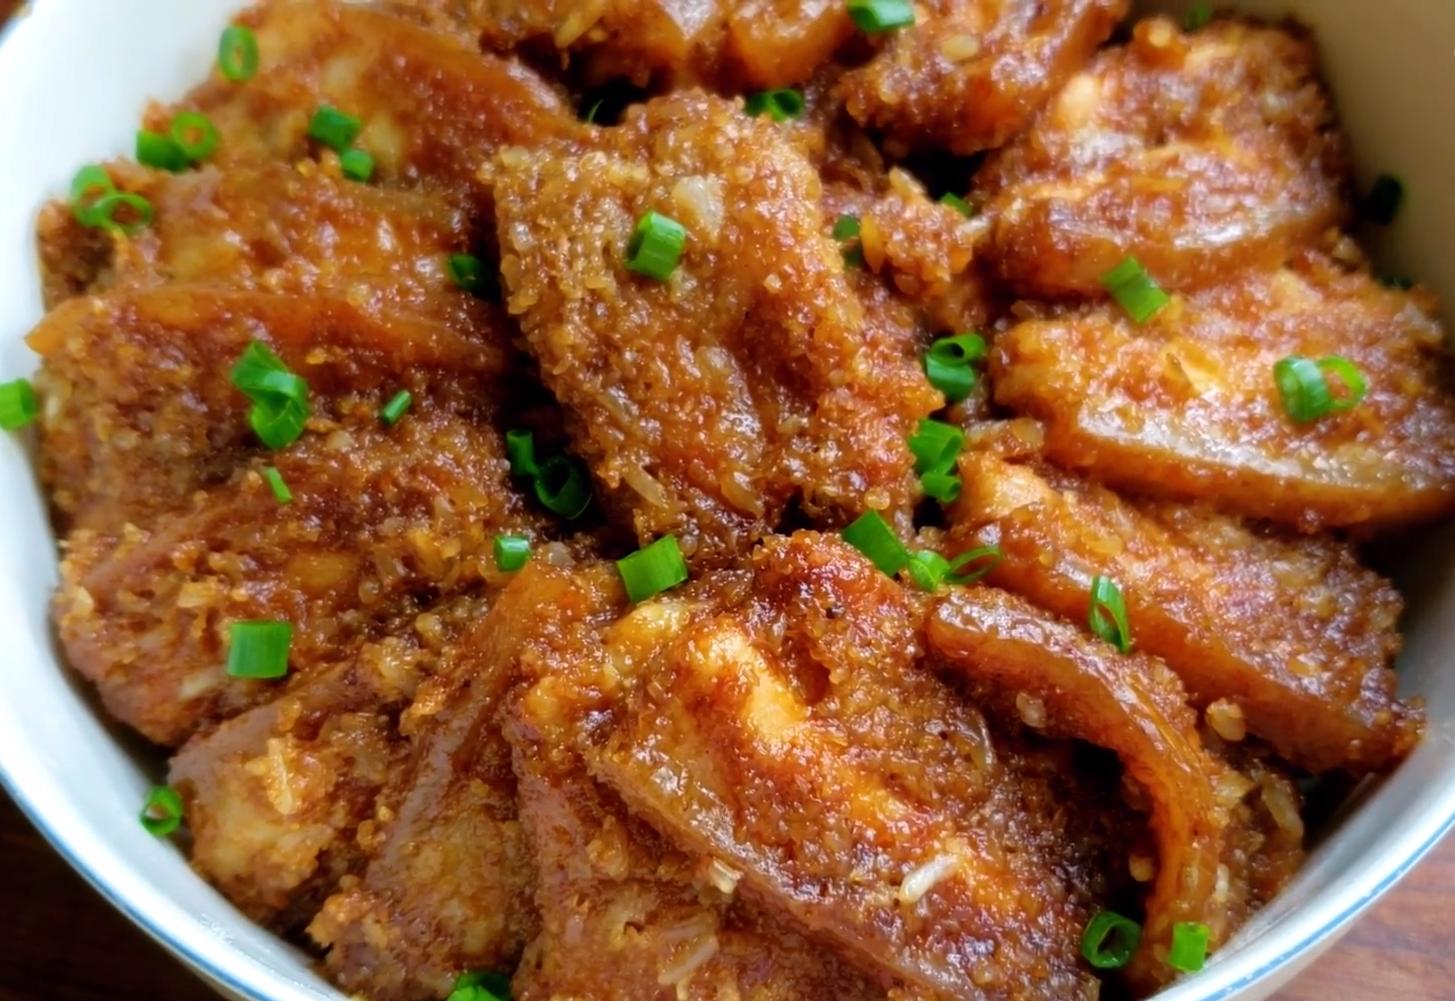 五花肉不要紅燒了,教你秘製做法,營養解饞百吃不膩,待客全靠它